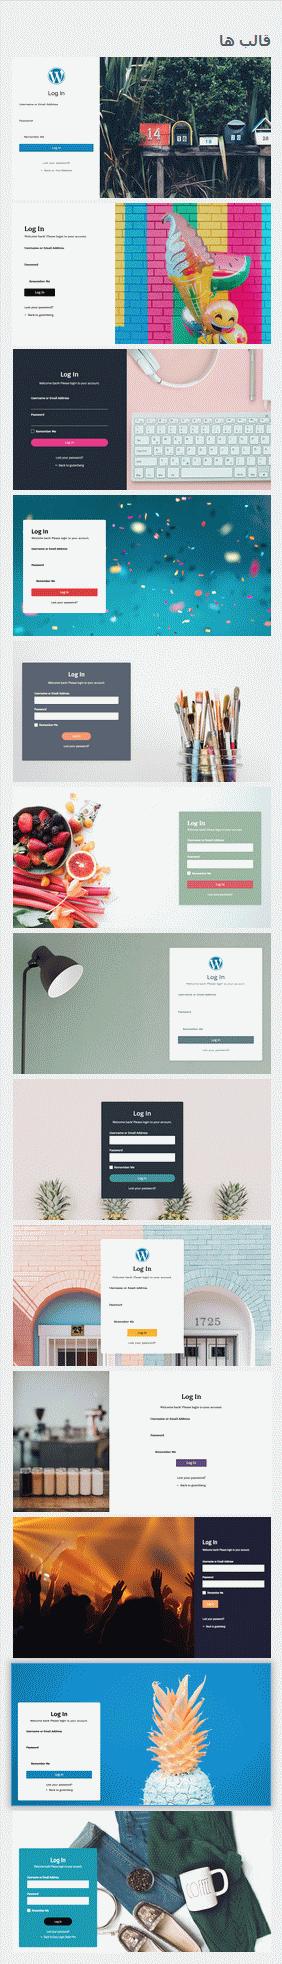 نمونه قالب های از قبل طراحی شده برای صفحه ورود وردپرس